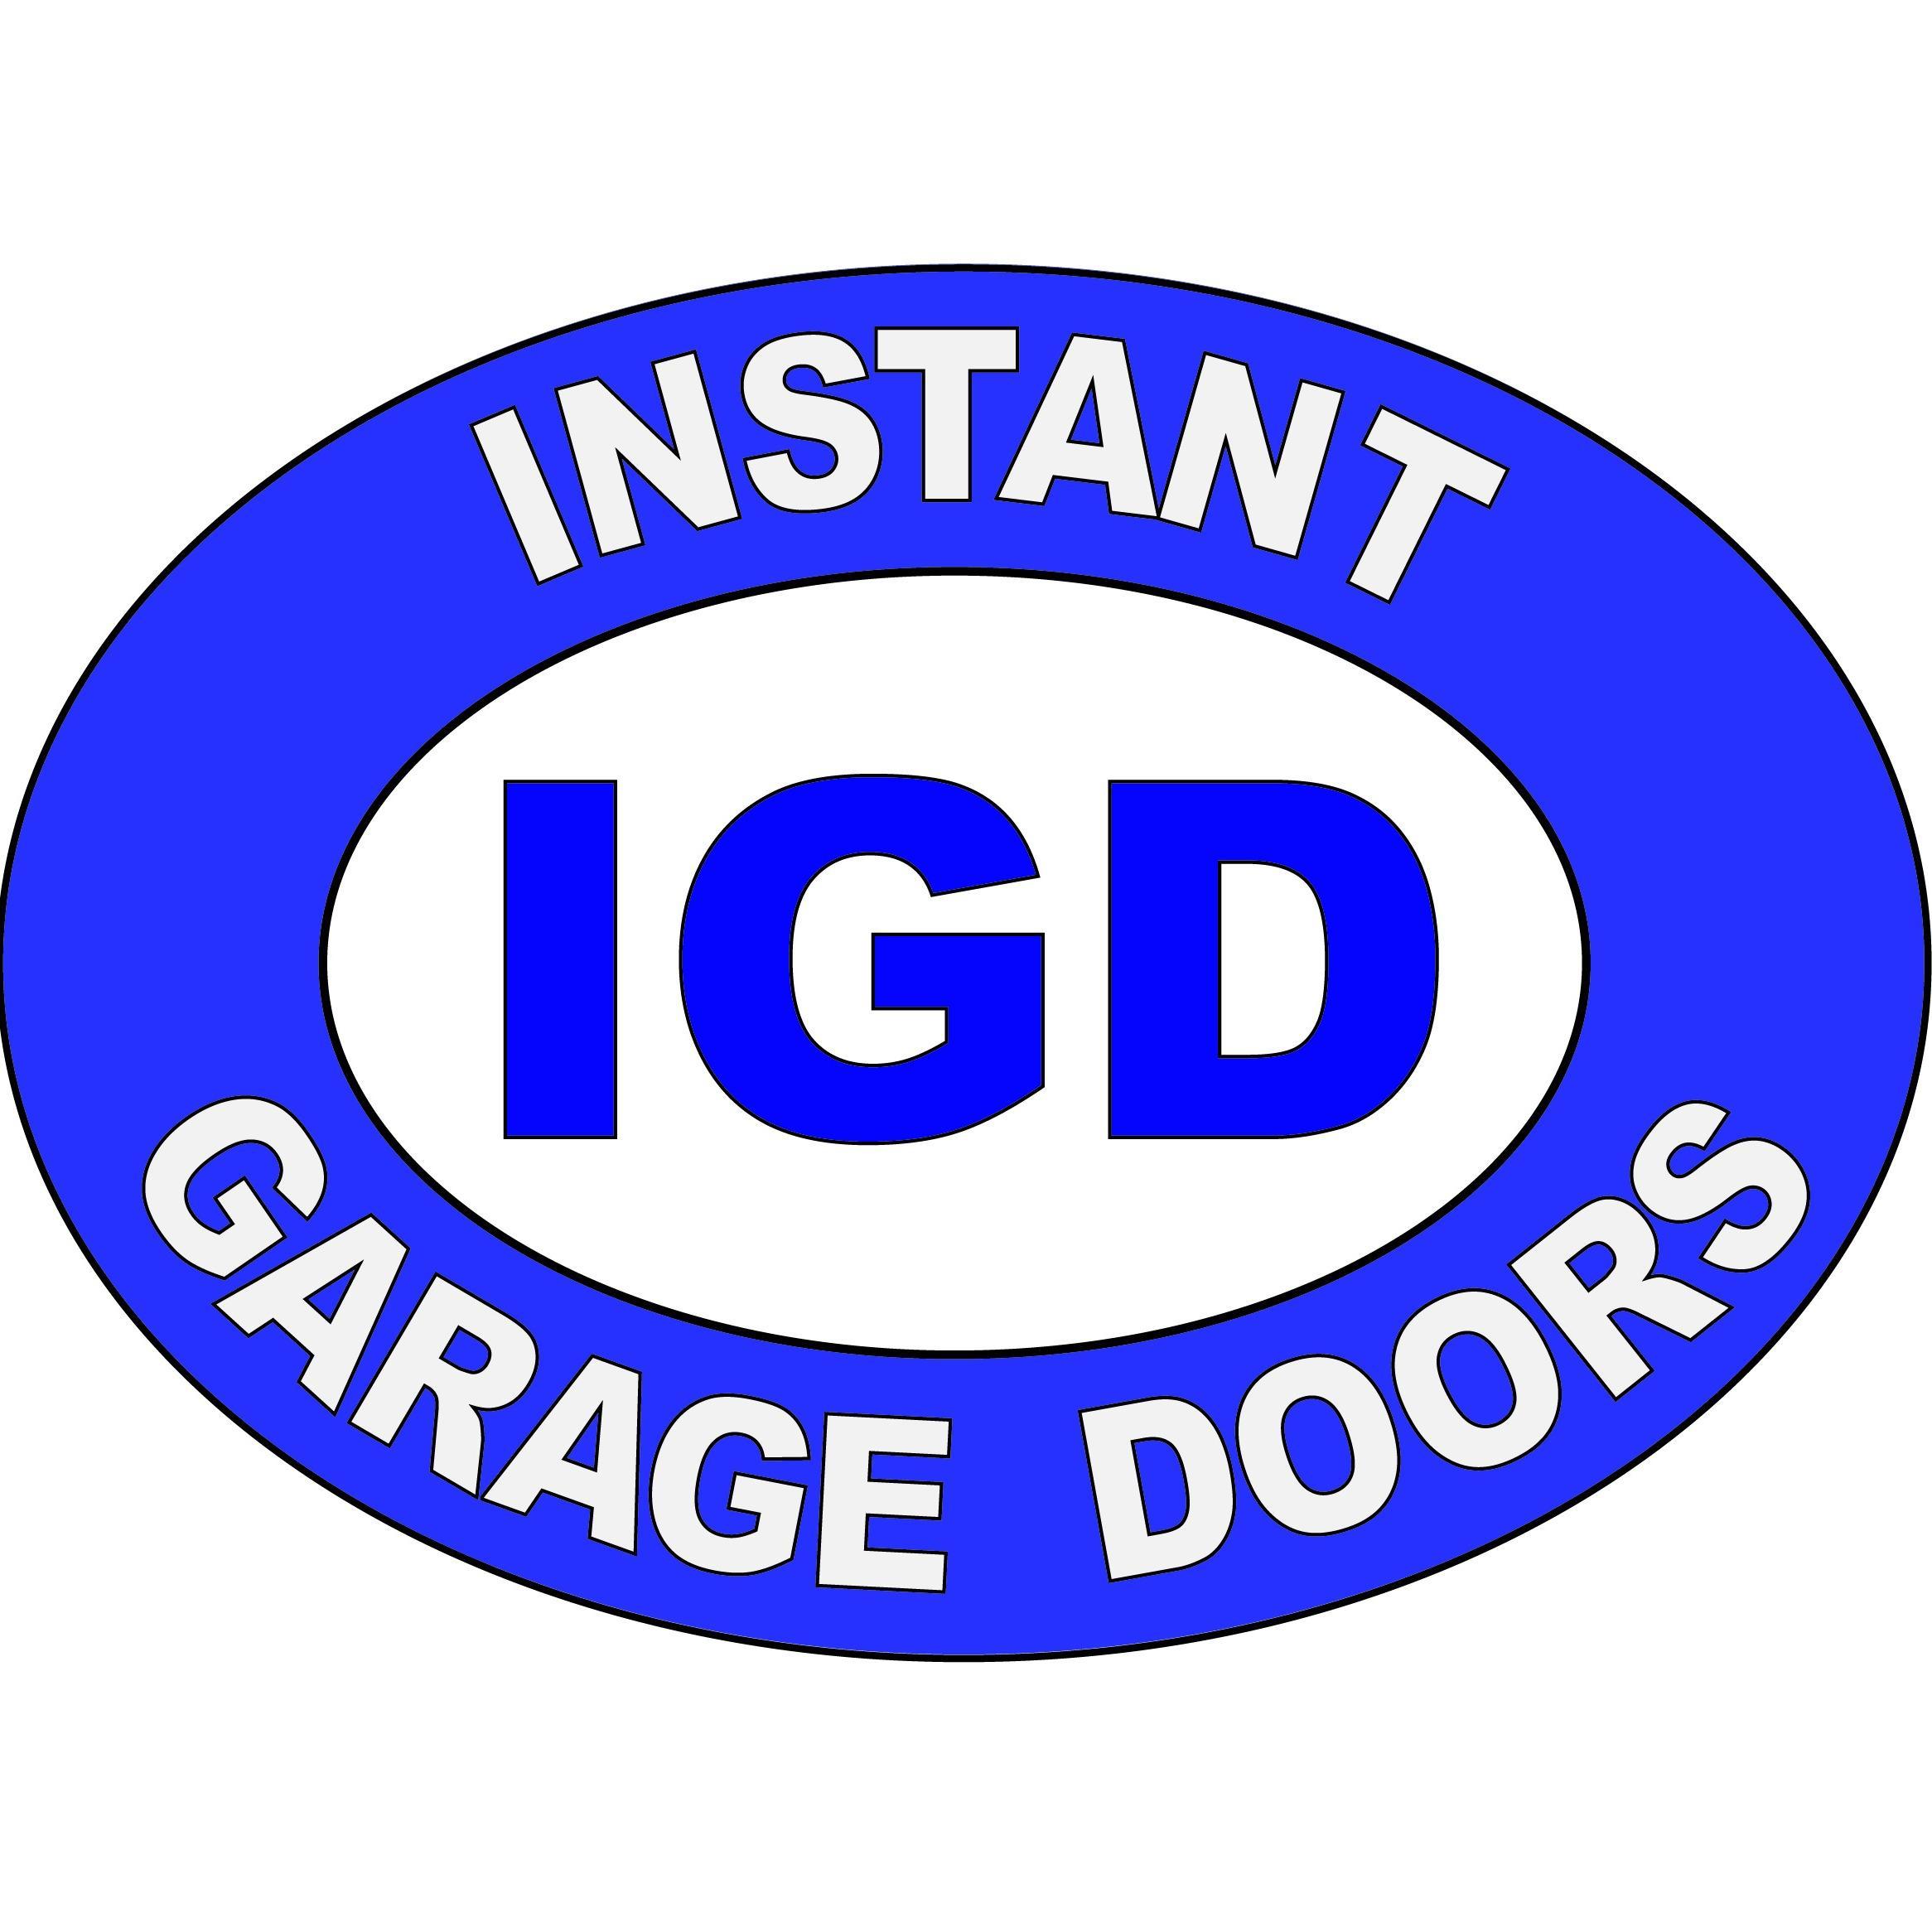 Instant Garage Door Repair Igd Renton Wa Company